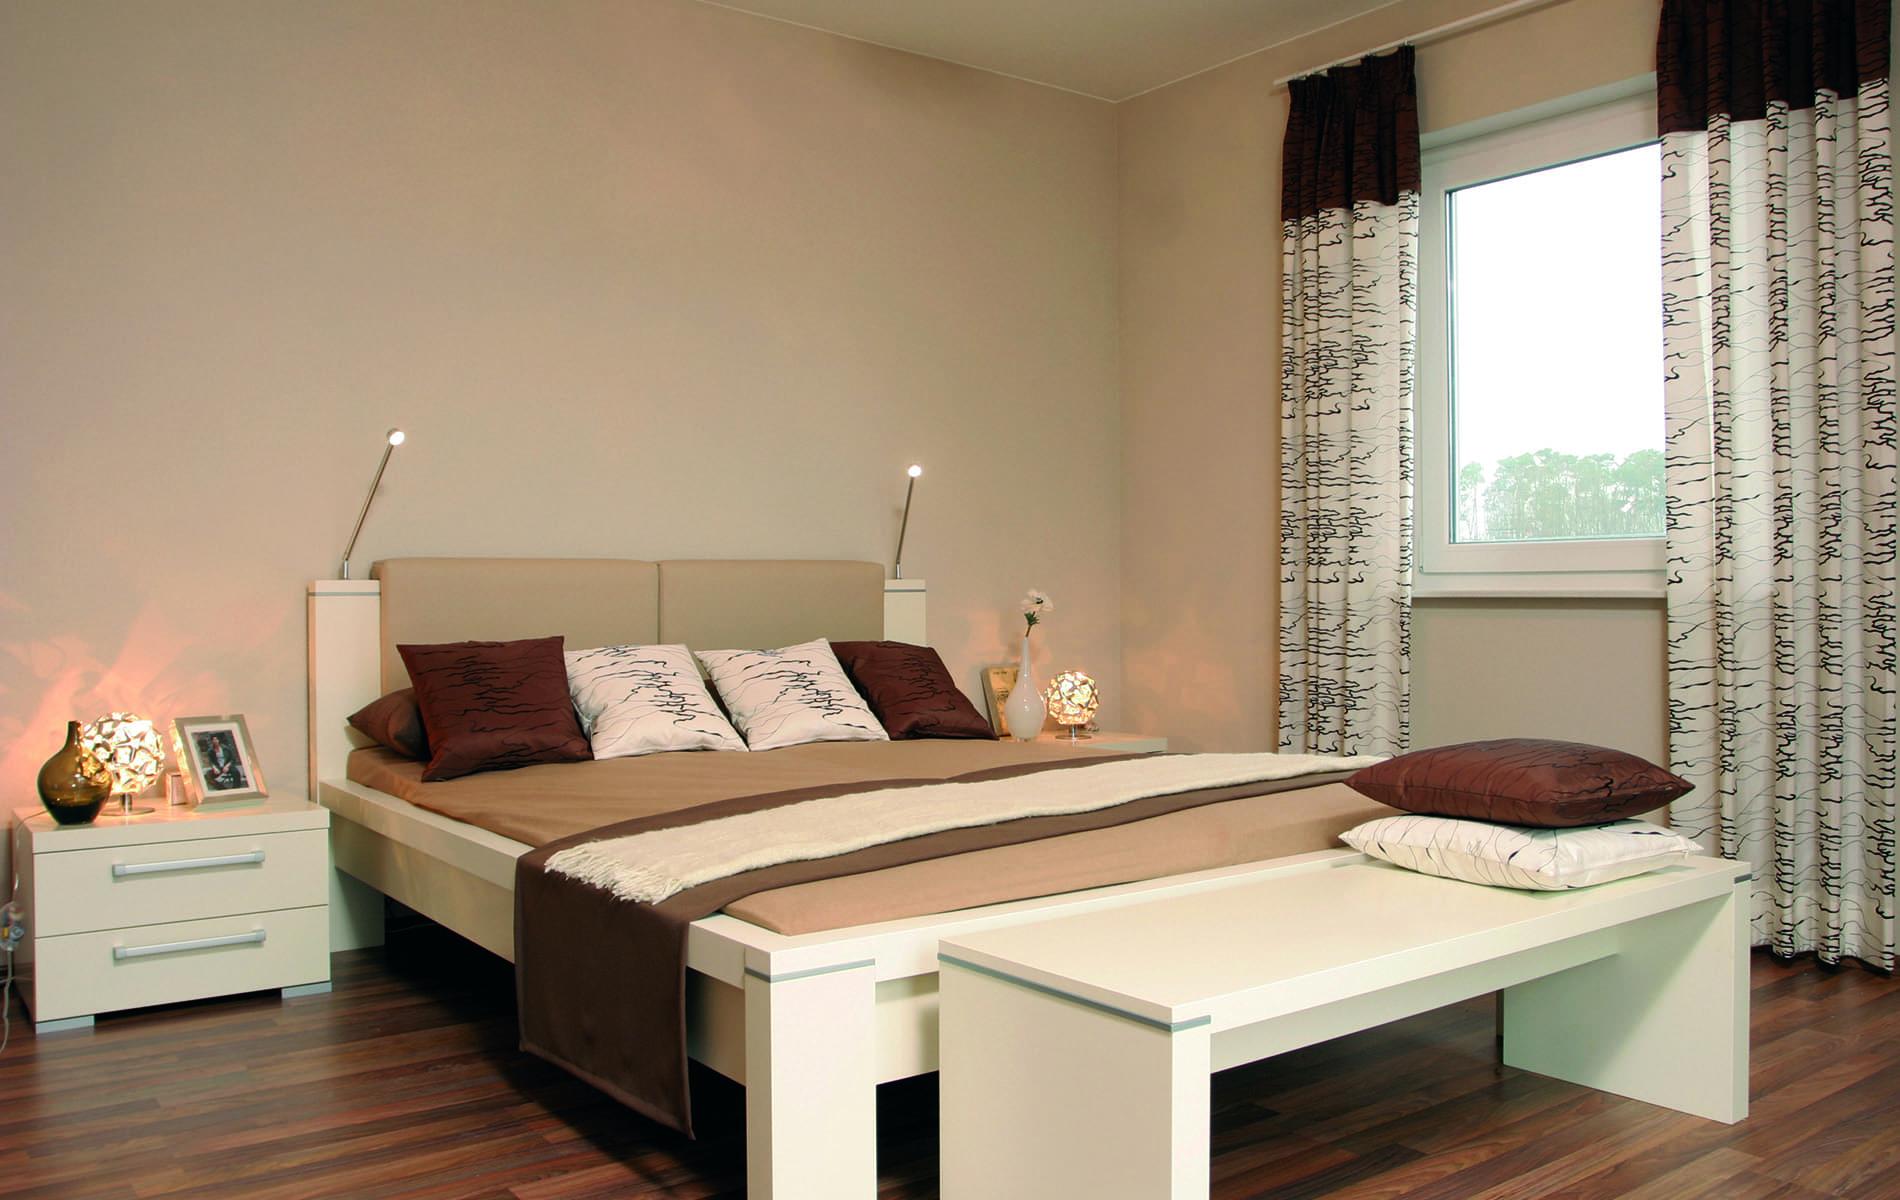 MEDLEY 3.0 - Nürnberg - gemütliches Schlafzimmer